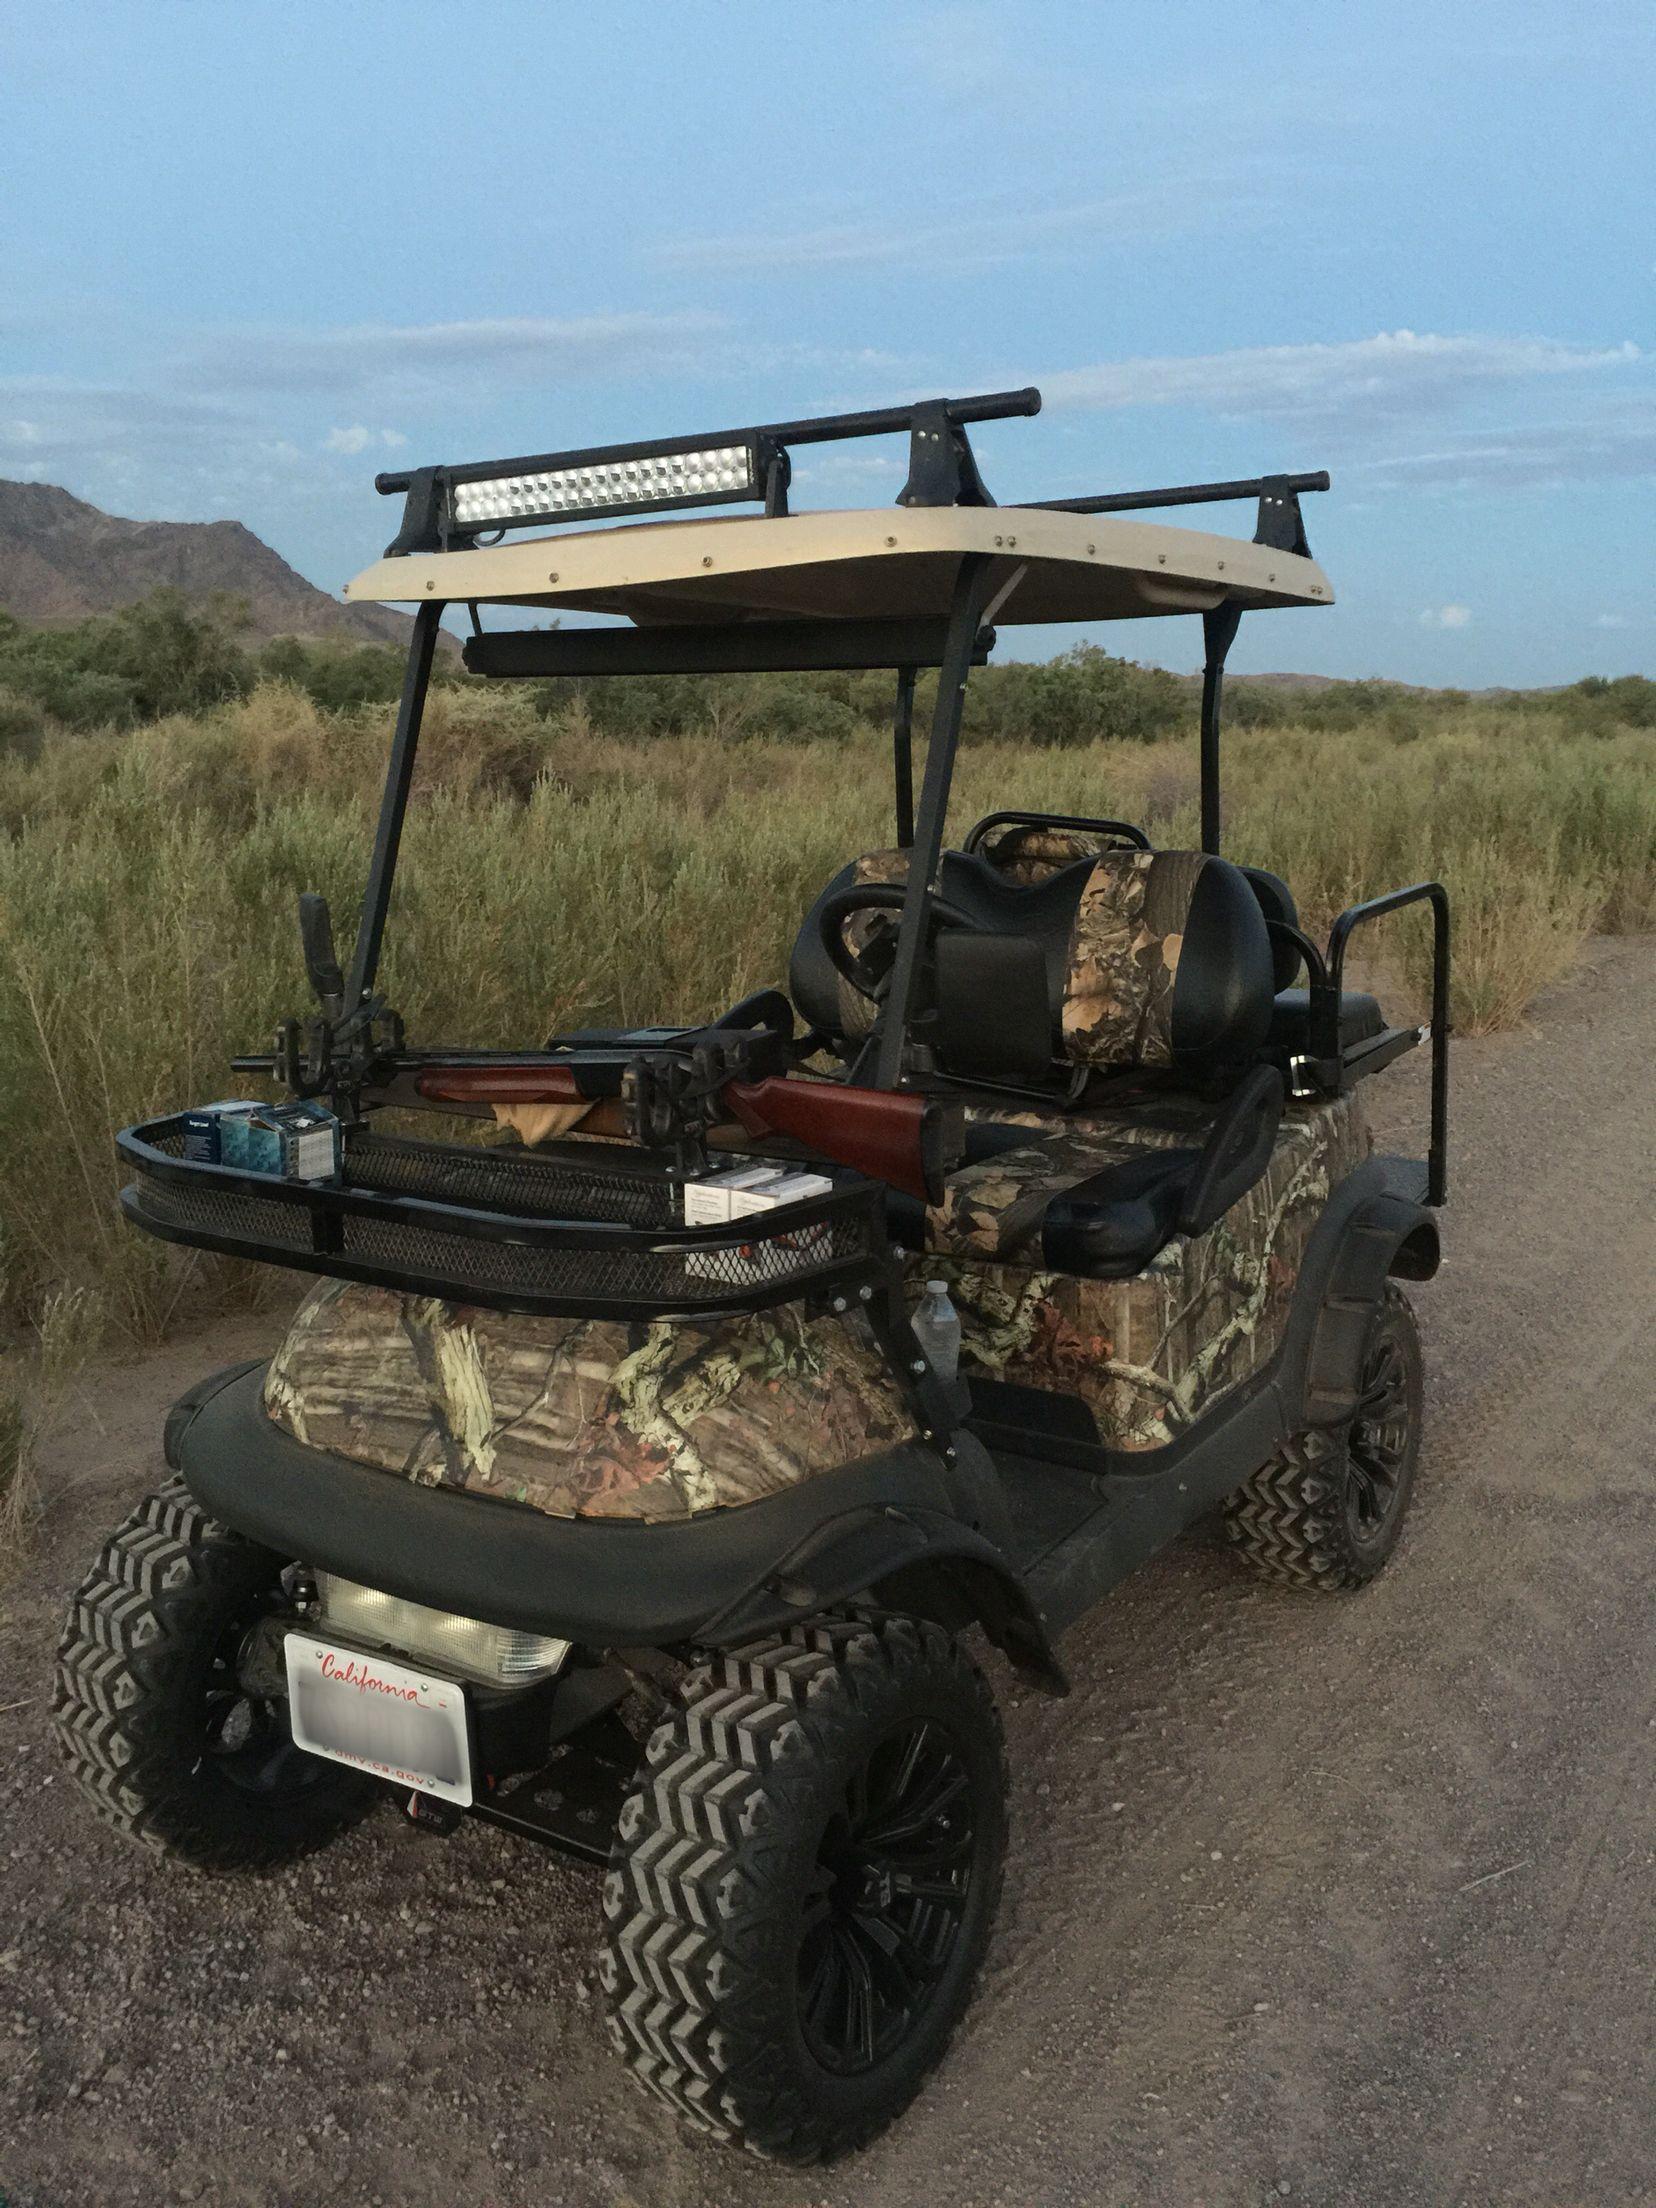 Custom golf cart club car precedent off road camo realtree